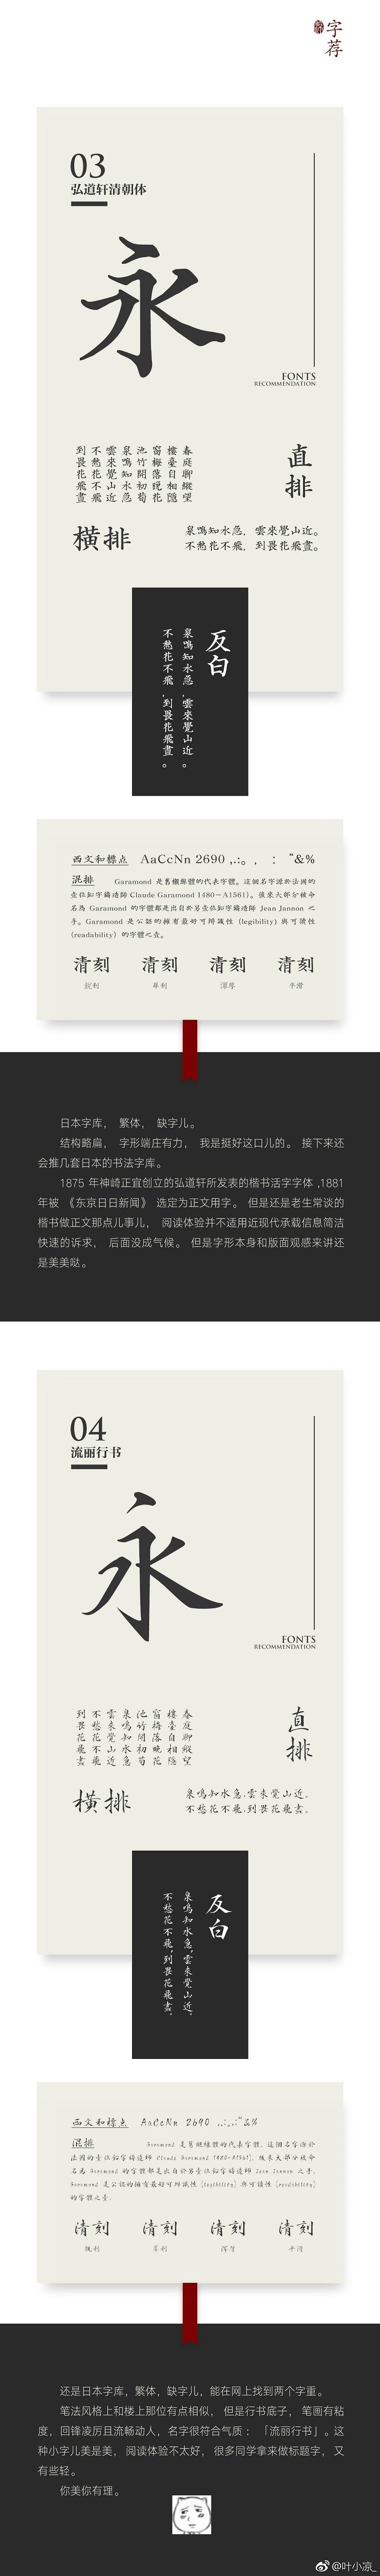 中文字体赏析1.jpg